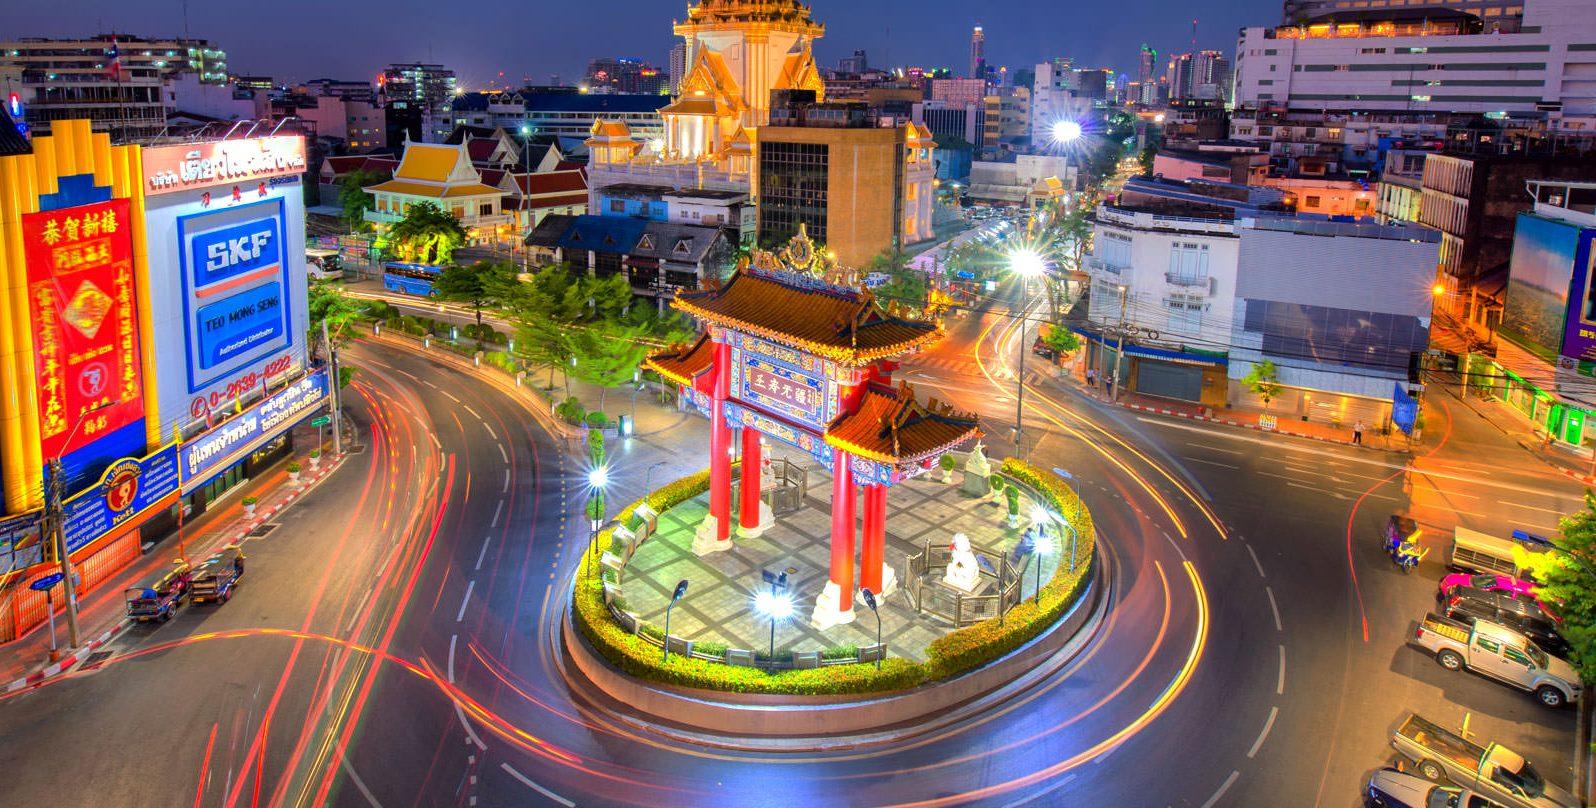 que ver en bangkok en 5 dias